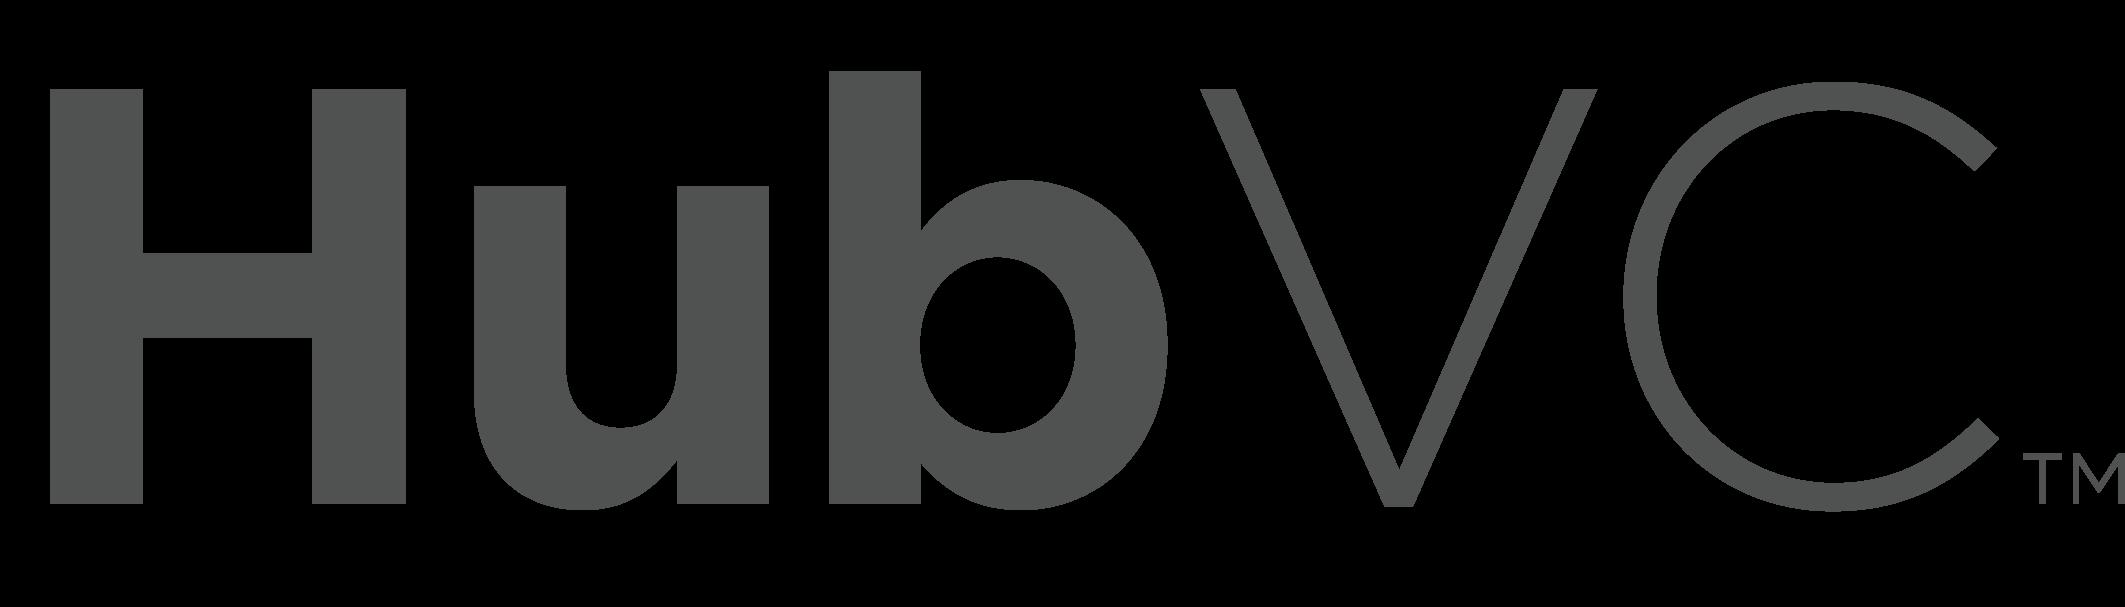 T1V-HubVC-Logo-Dark-Grey